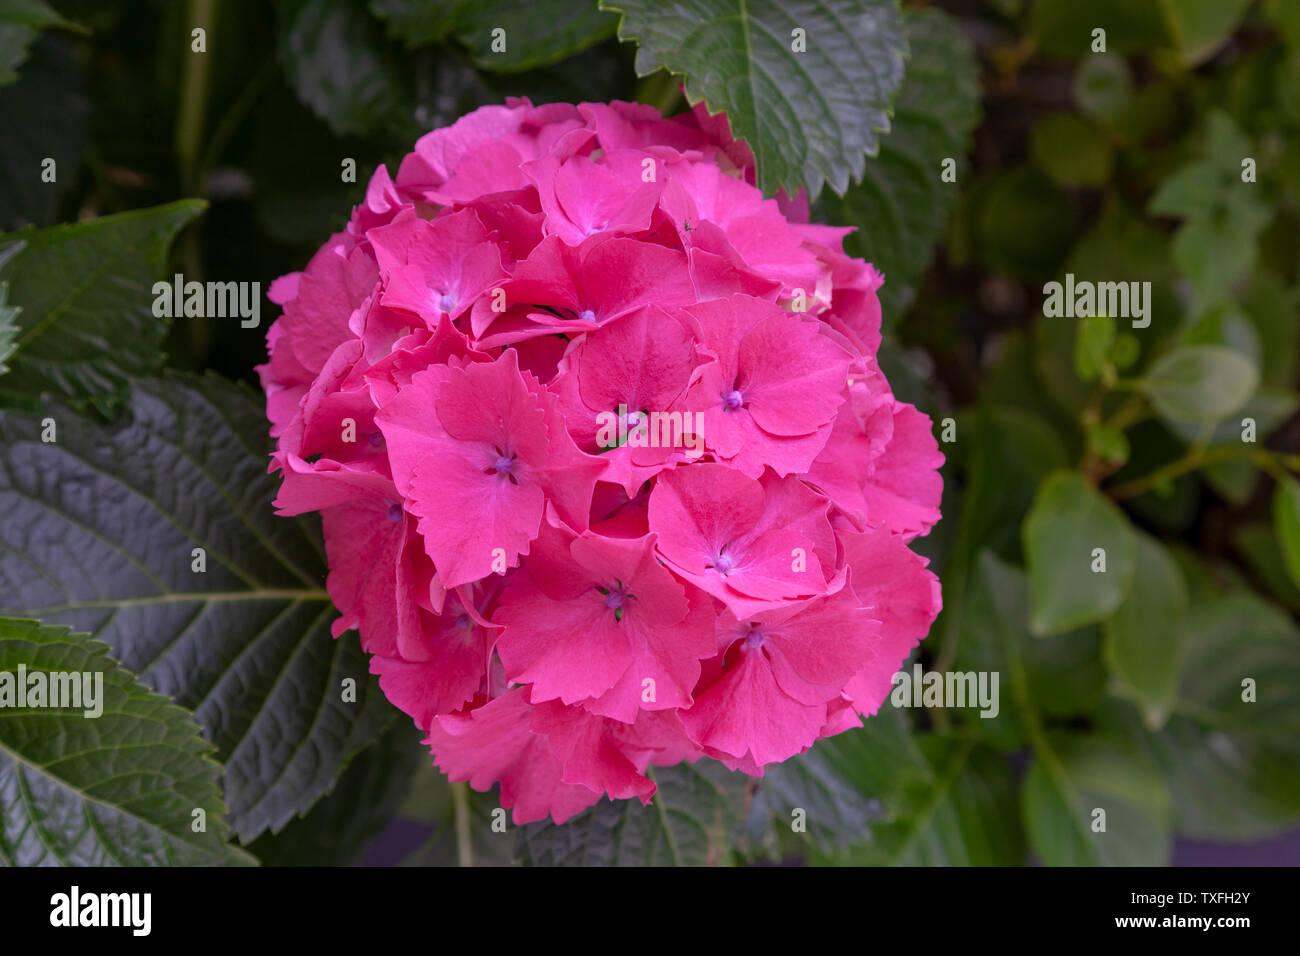 Ein dunkles rosa Blume der Hydrangea macrophylla als 'Sibylla' bekannt. Dieses kompakte Strauch ist winterhart und reichblühend. Fleur rose foncé d'Hortensia. Stockfoto